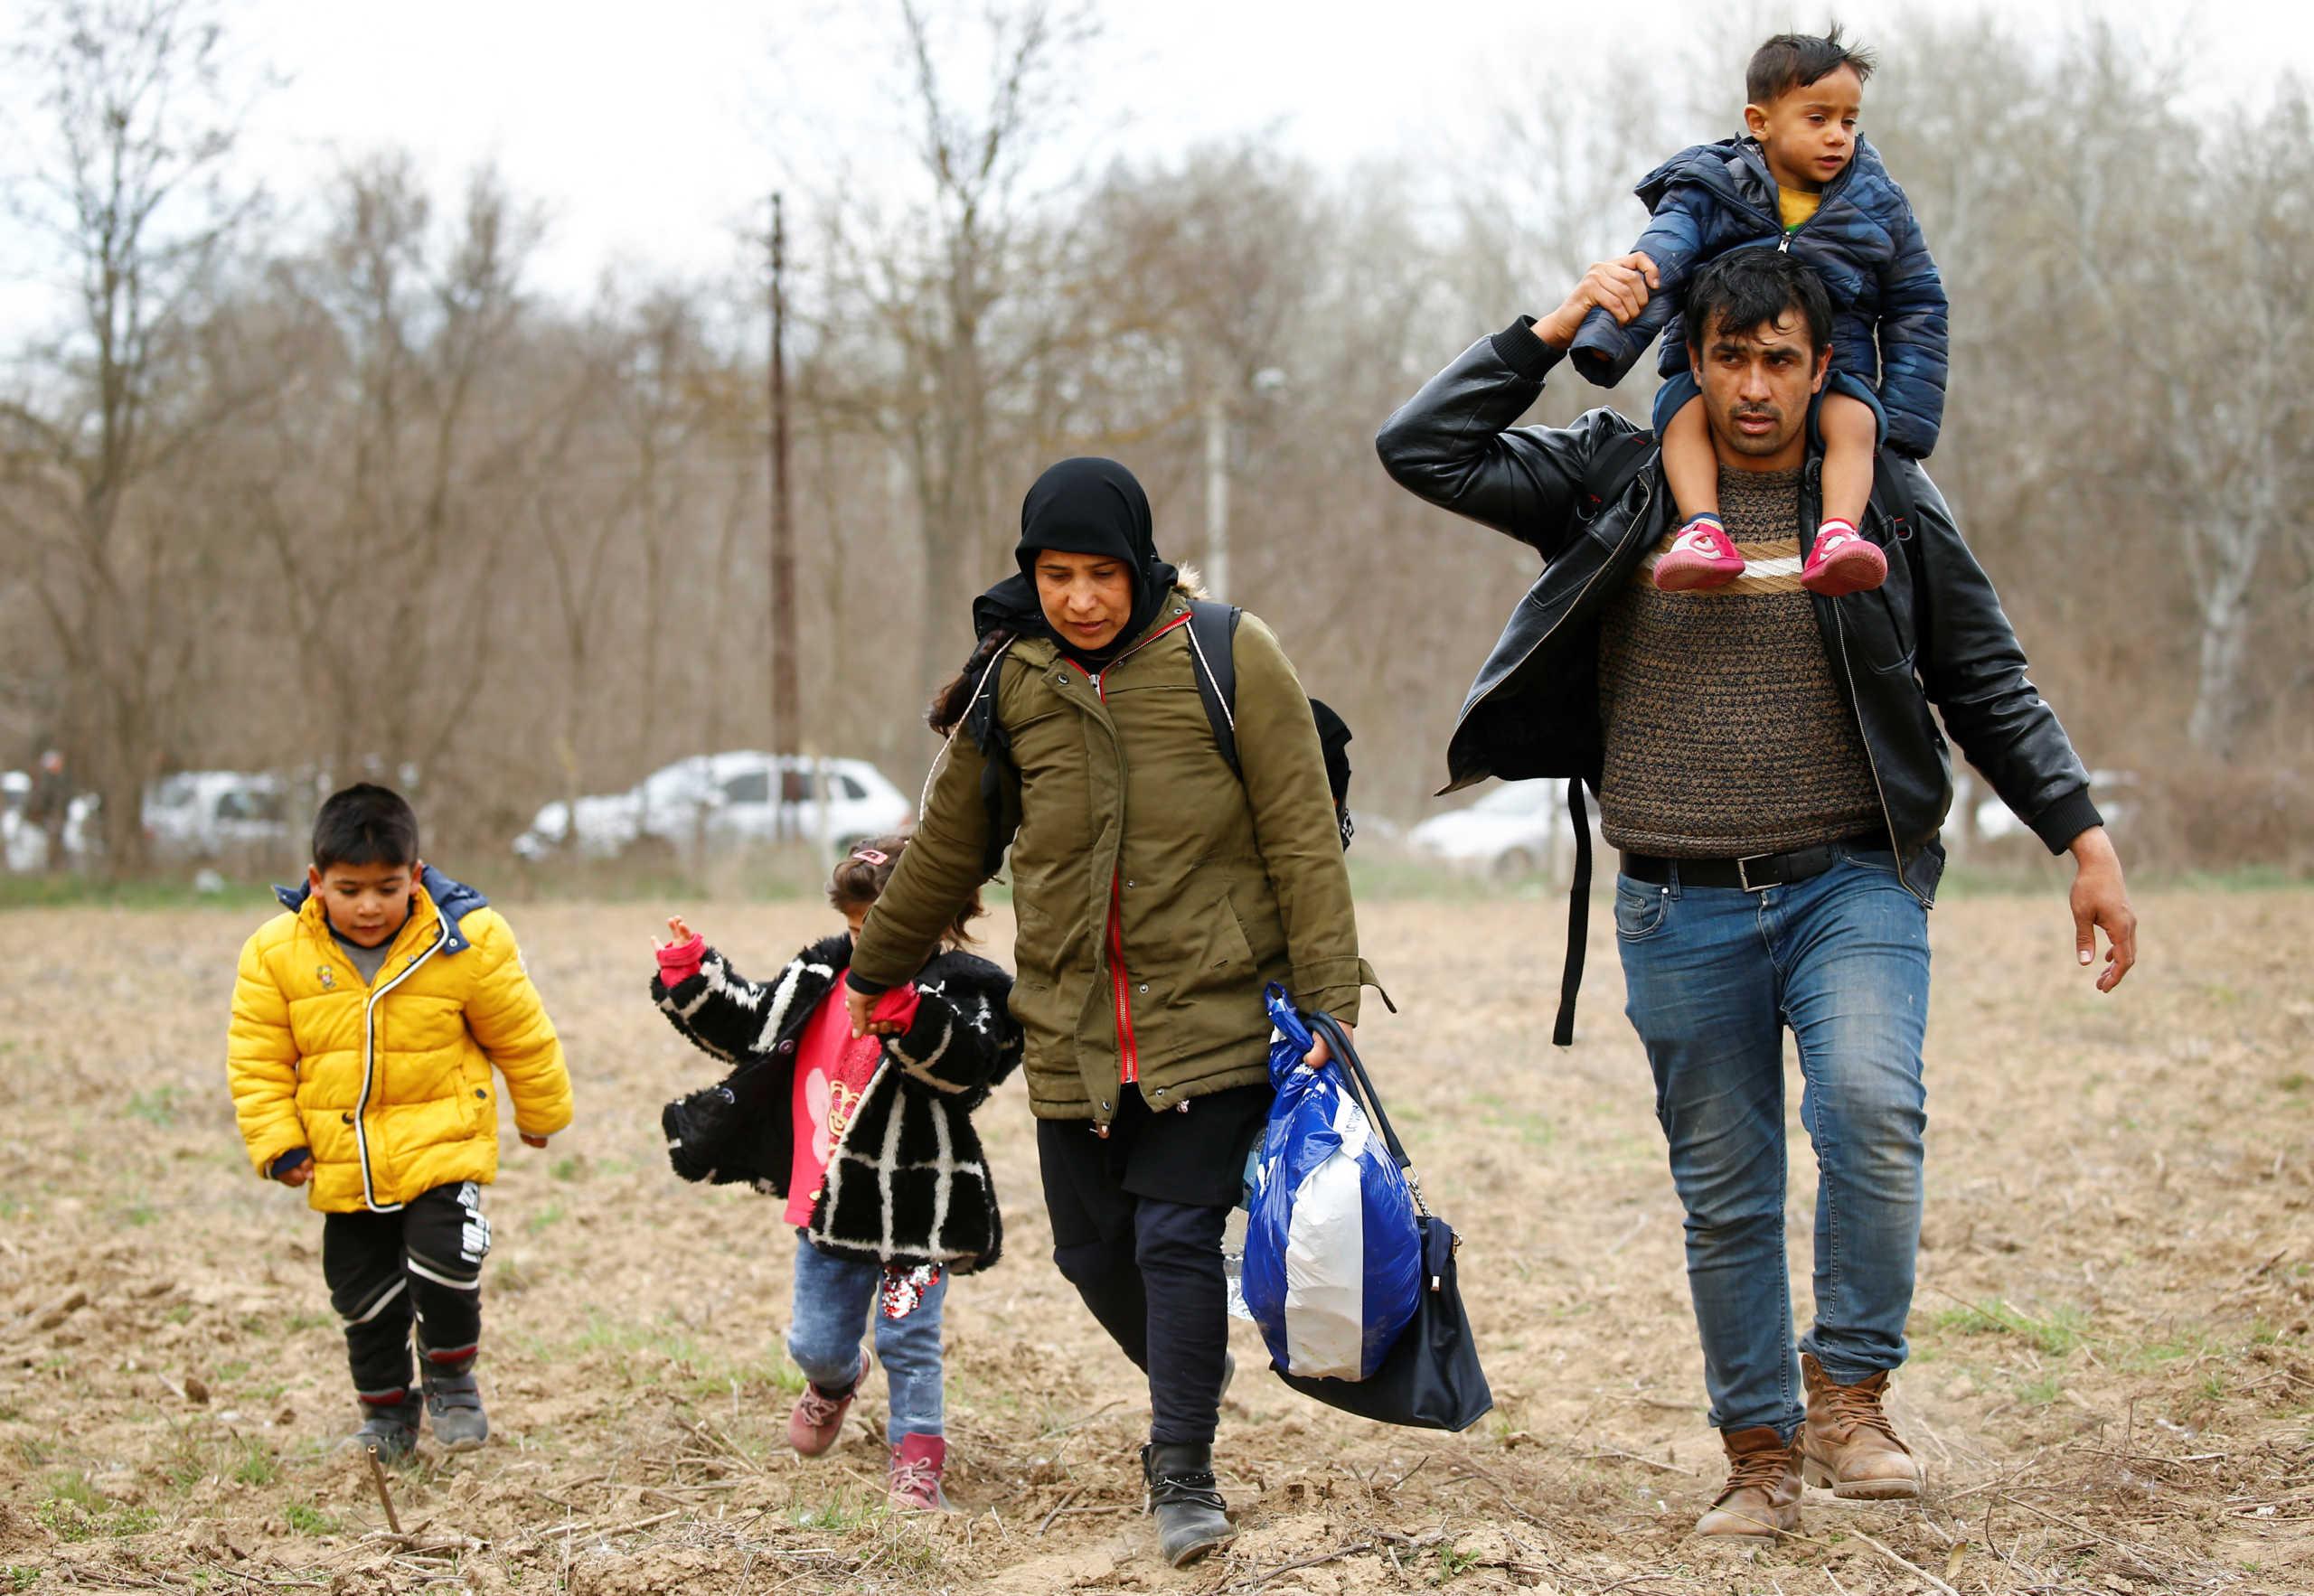 Προκαταρκτική εξέταση για το δημοσίευμα πως κάτοικοι εγκαταλείπουν τις Καστανιές